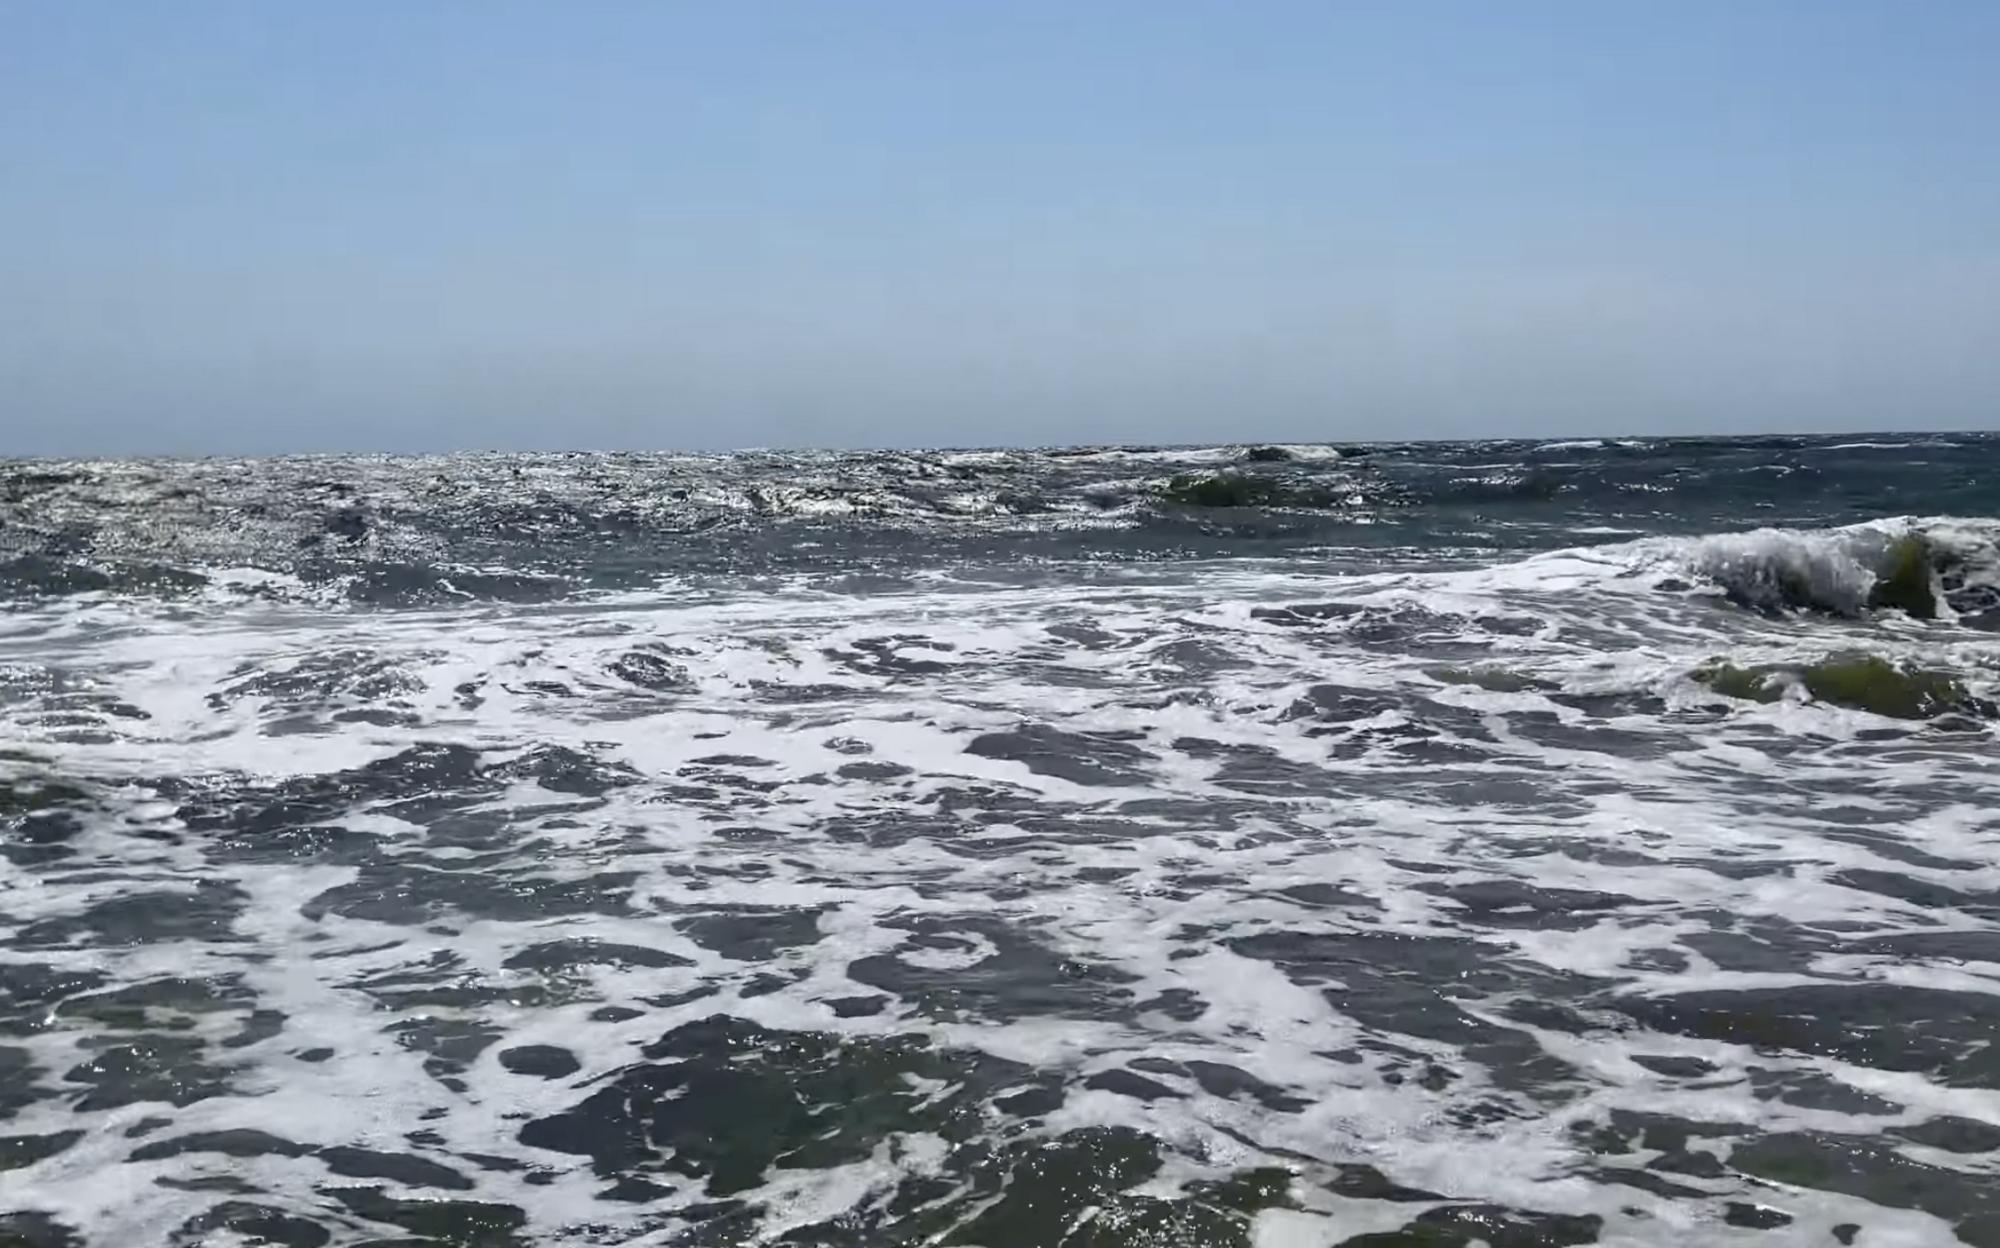 Вода в море очень мутная.